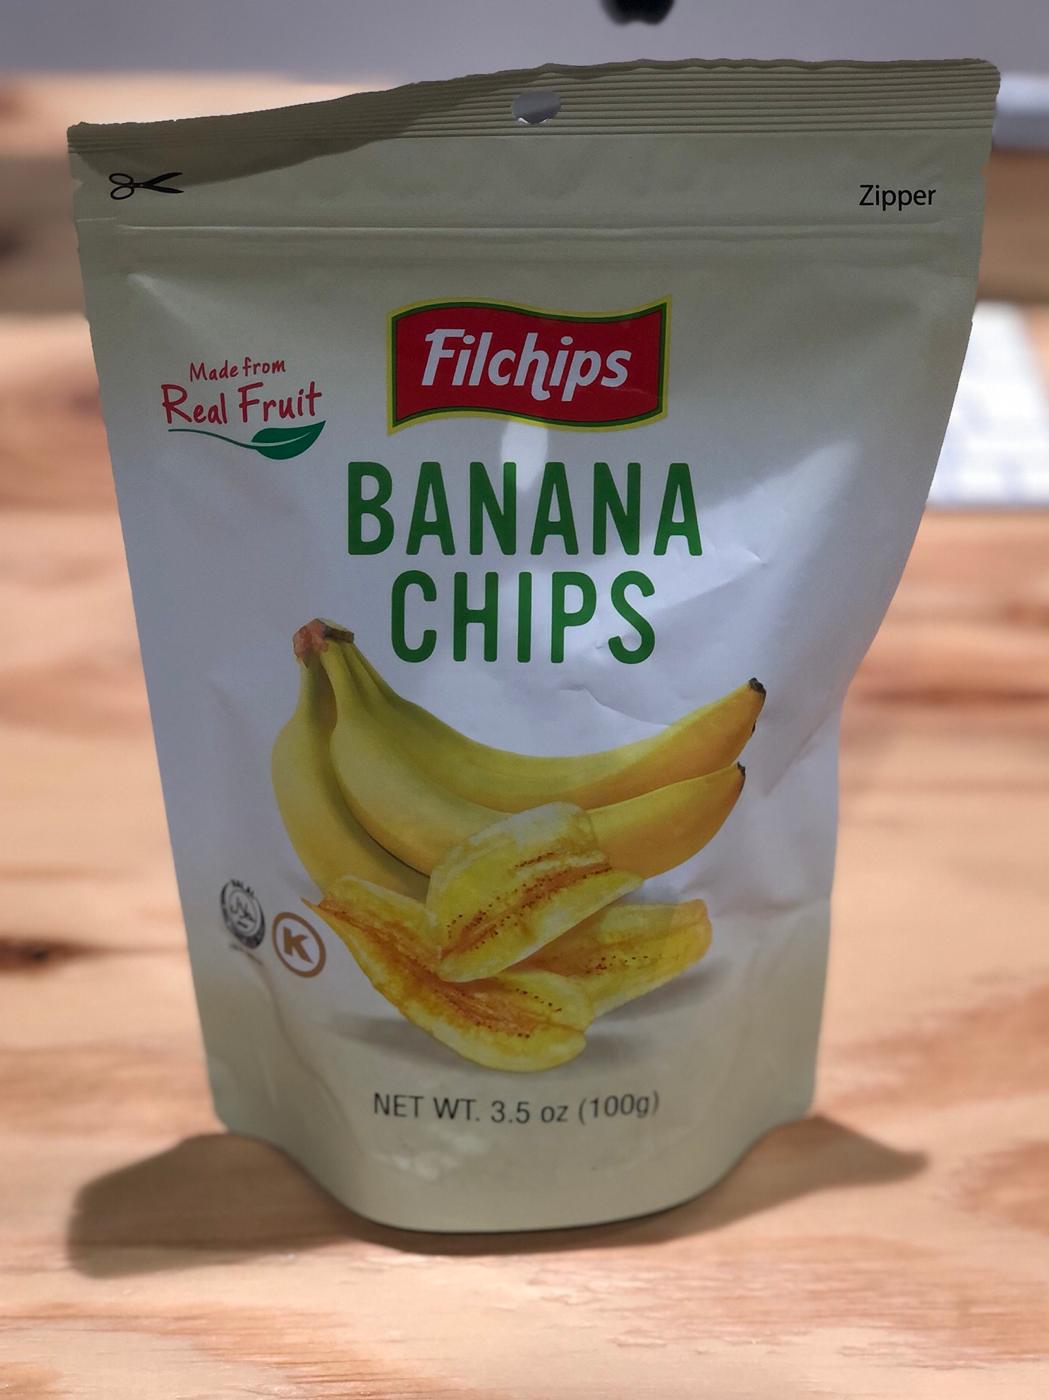 ハマります!バナナチップス